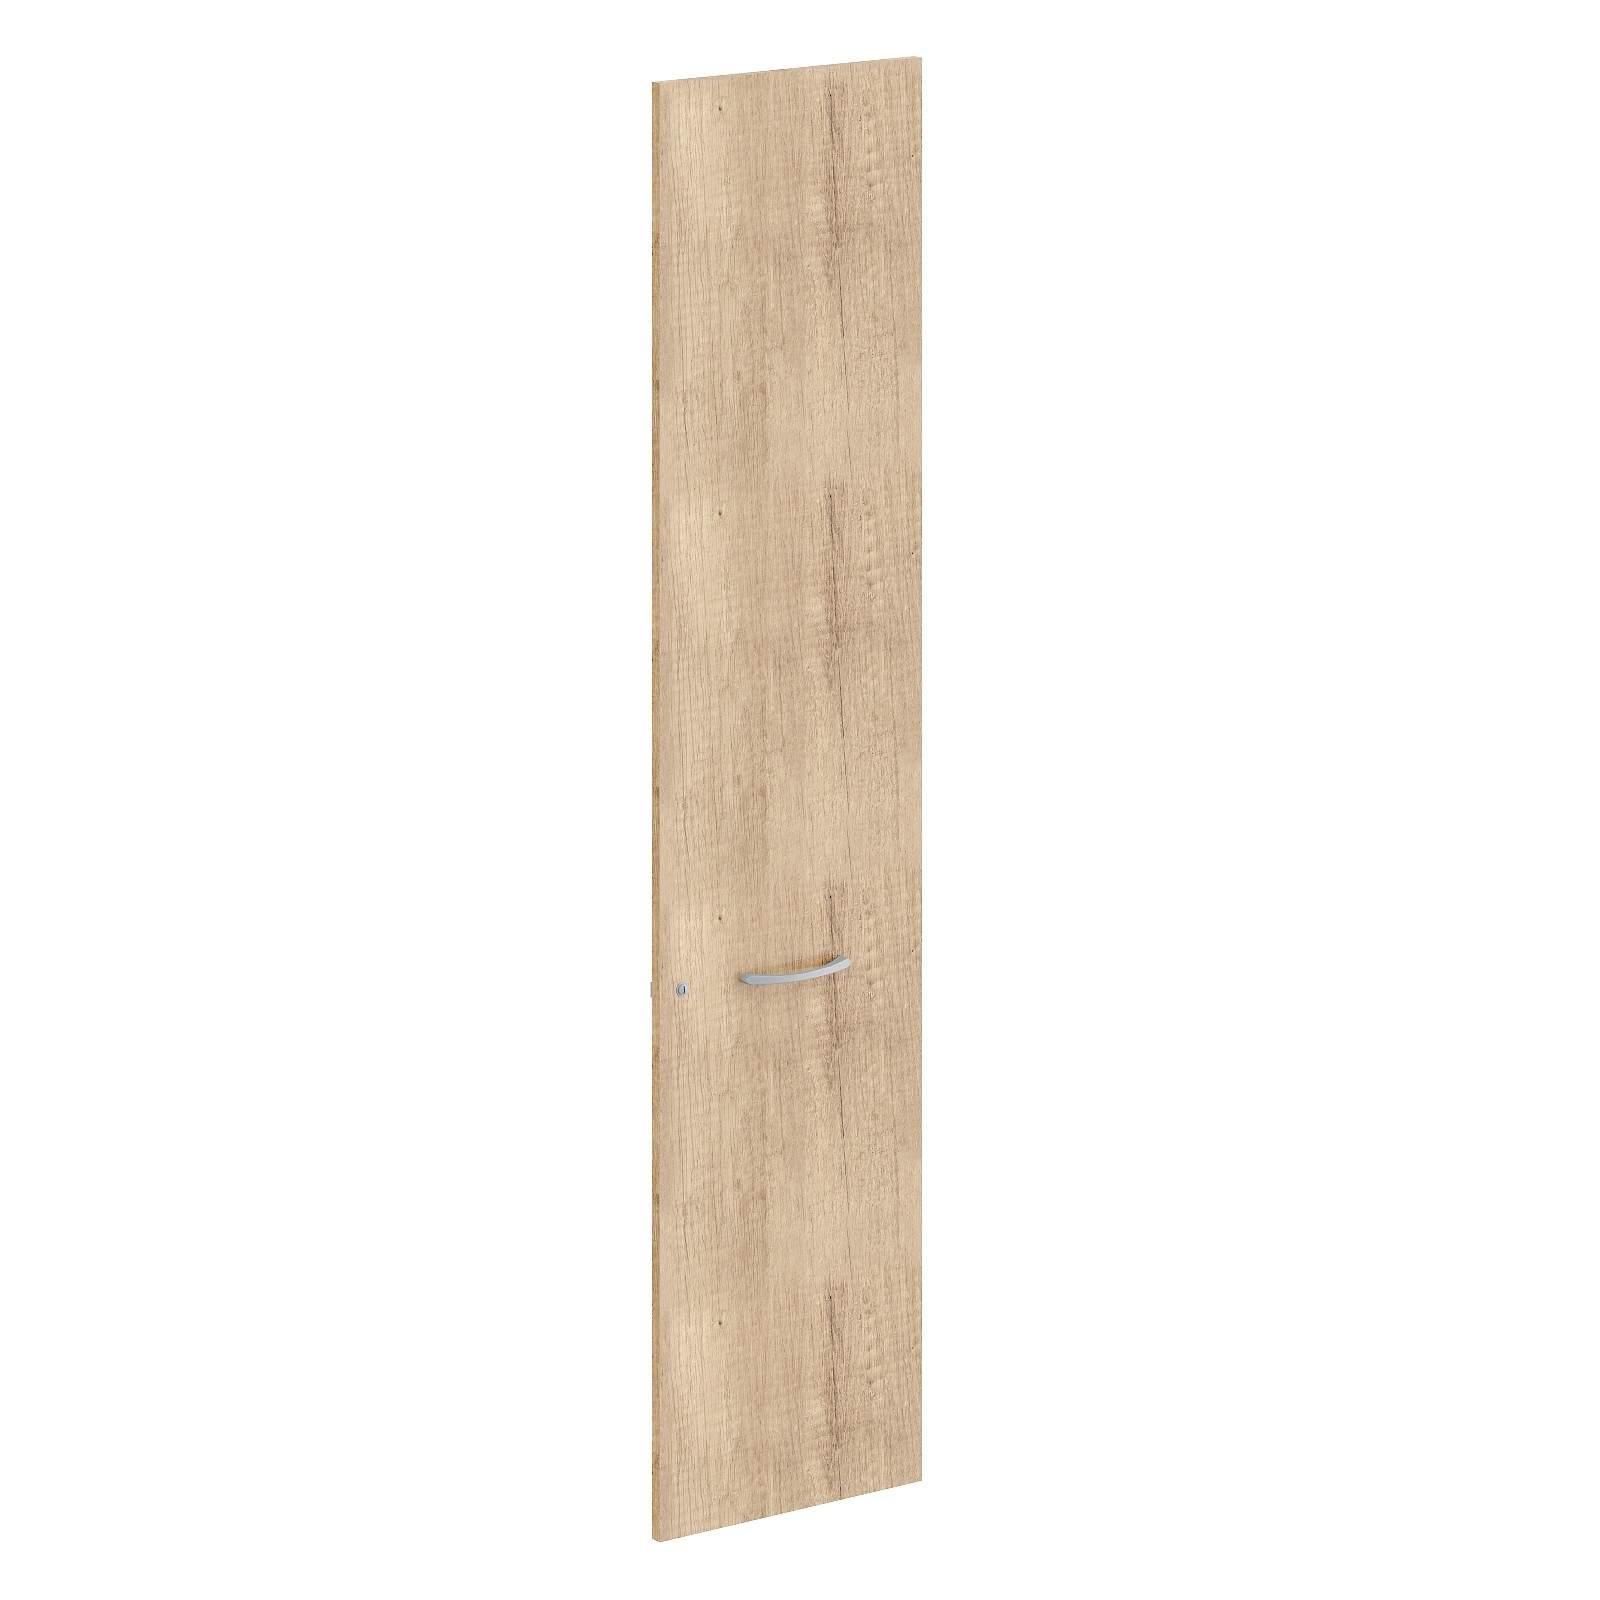 Двери шкафа низкие 422x18x765